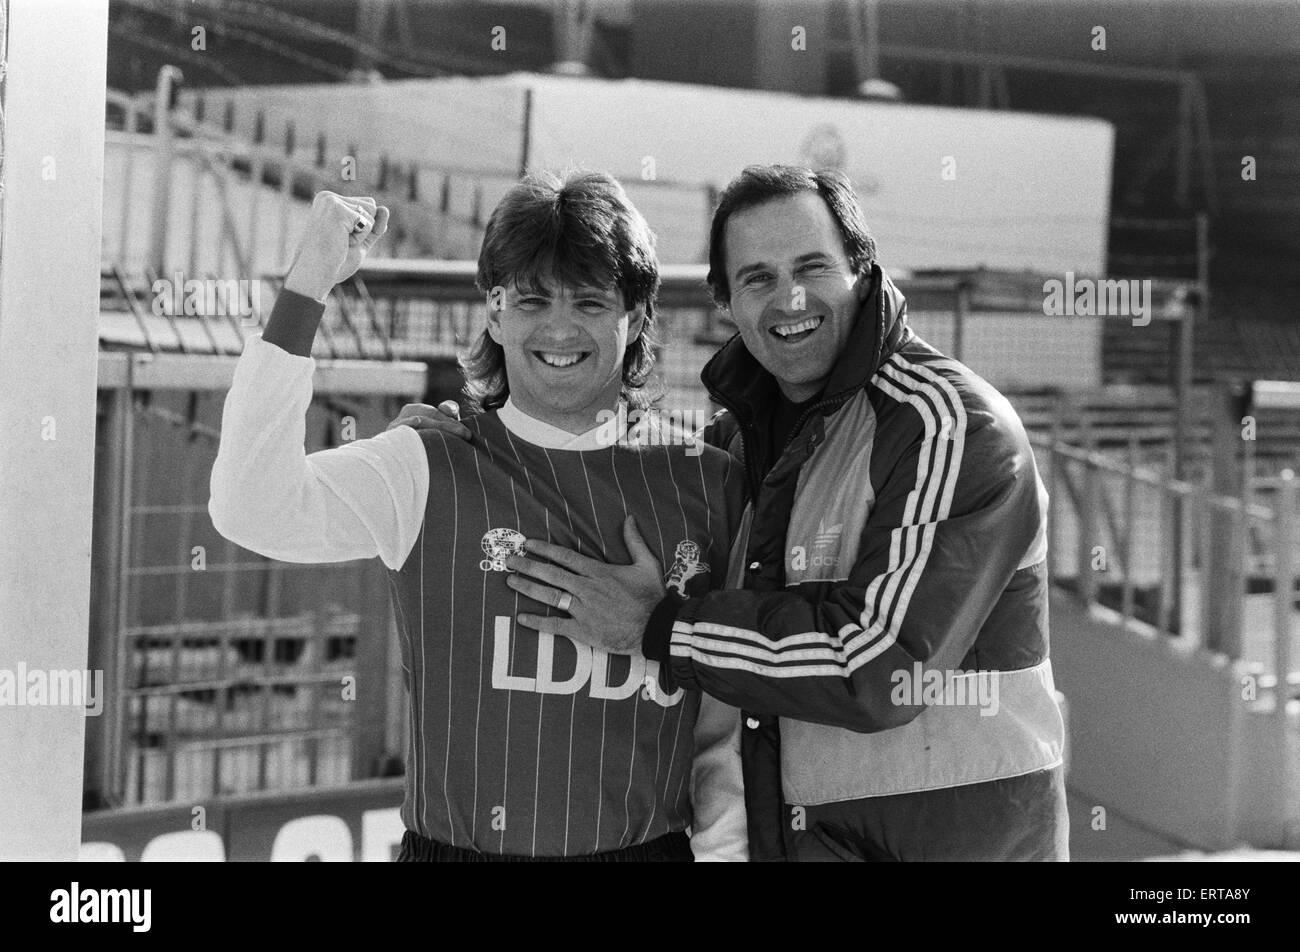 Fußballer Steve Lovell. 12. Februar 1985. Stockbild